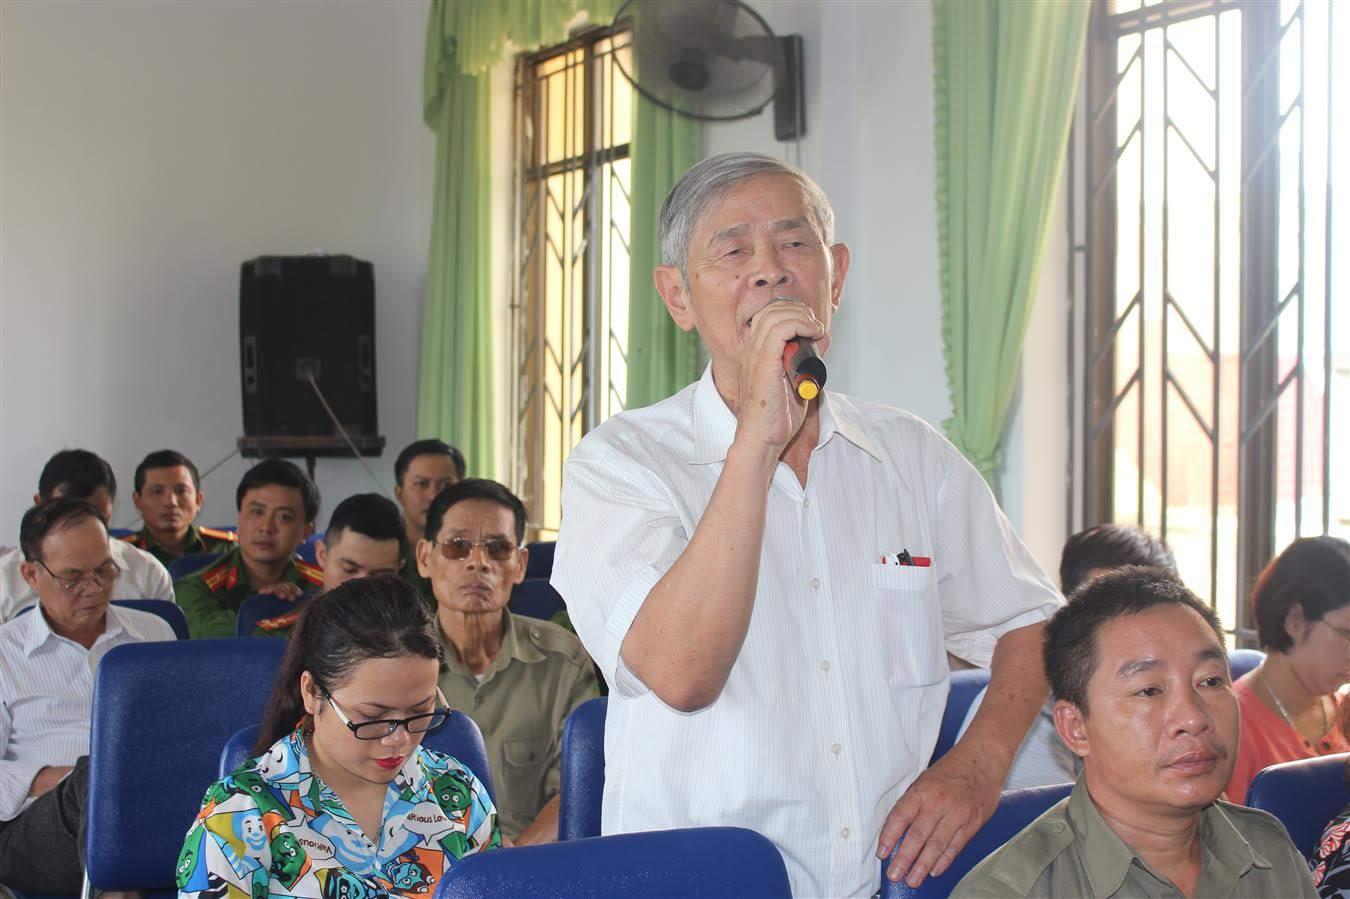 Đông đảo người dân tham gia góp ý kiến xây dựng lực lượng Công an ngày càng vững mạnh hơn